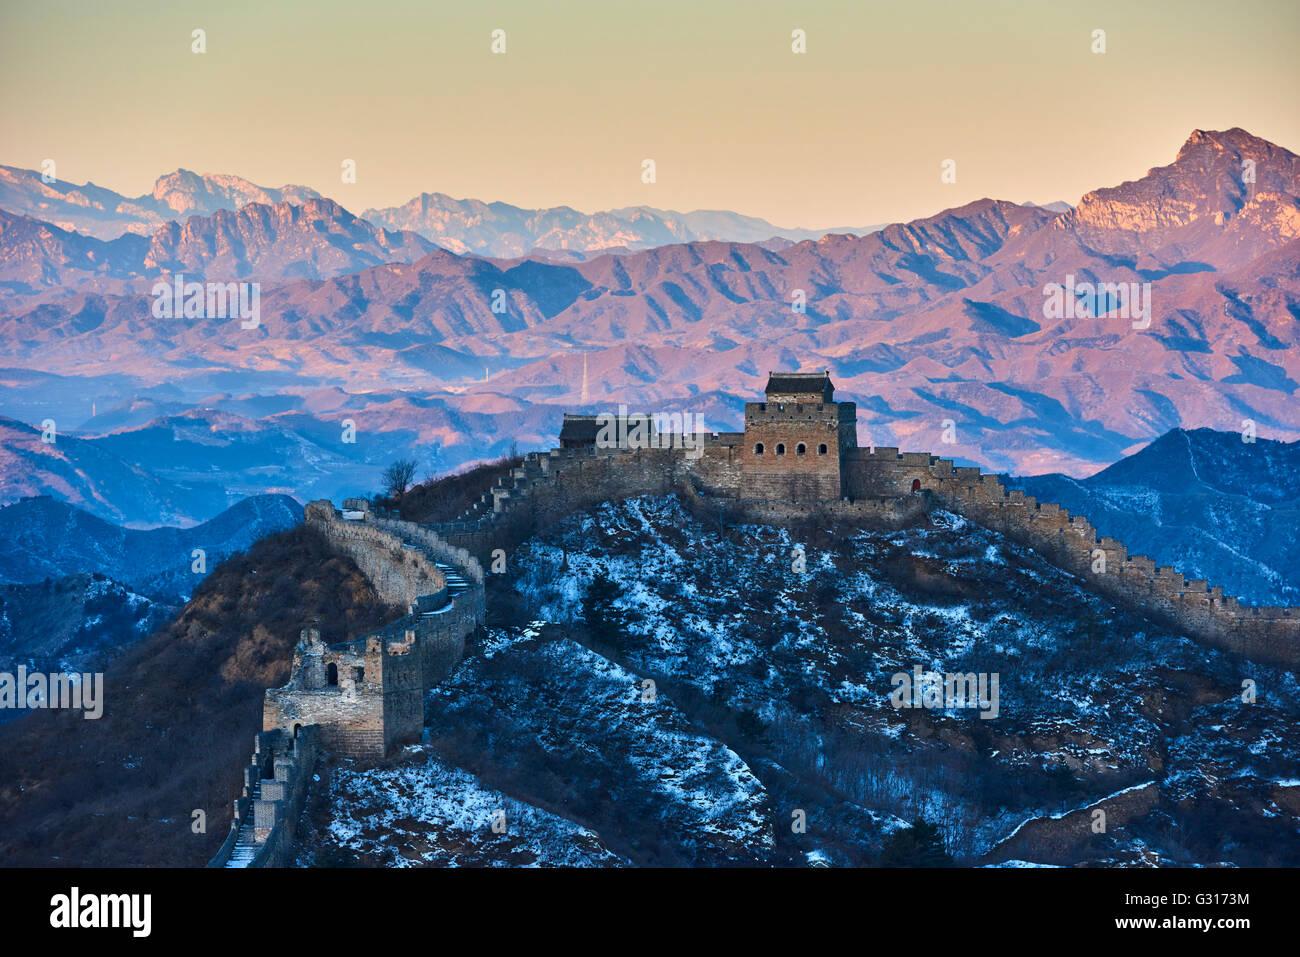 La Cina, nella provincia di Hebei, la Grande Muraglia della Cina, Jinshanling e Simatai sezione, Patrimonio Mondiale Immagini Stock